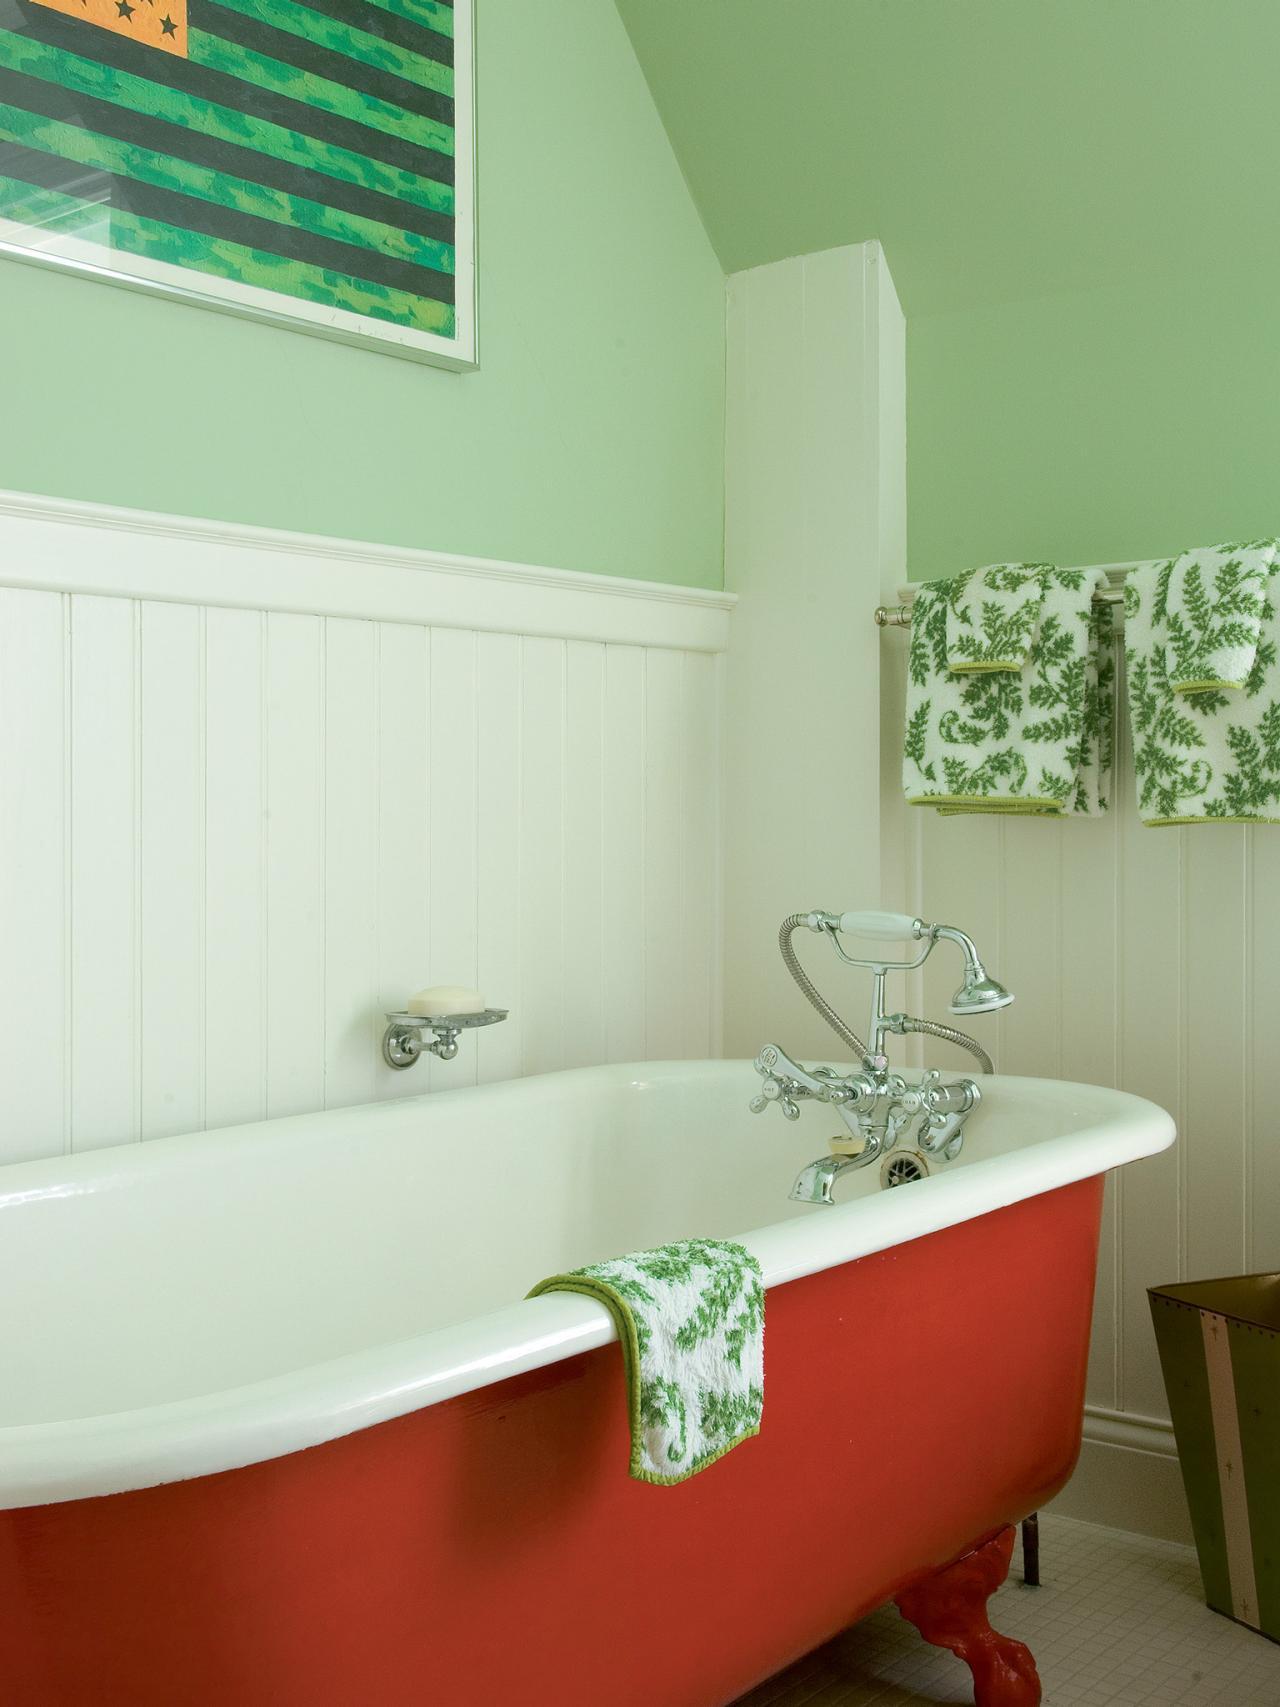 small-vintage-bathroom-ideas (1)